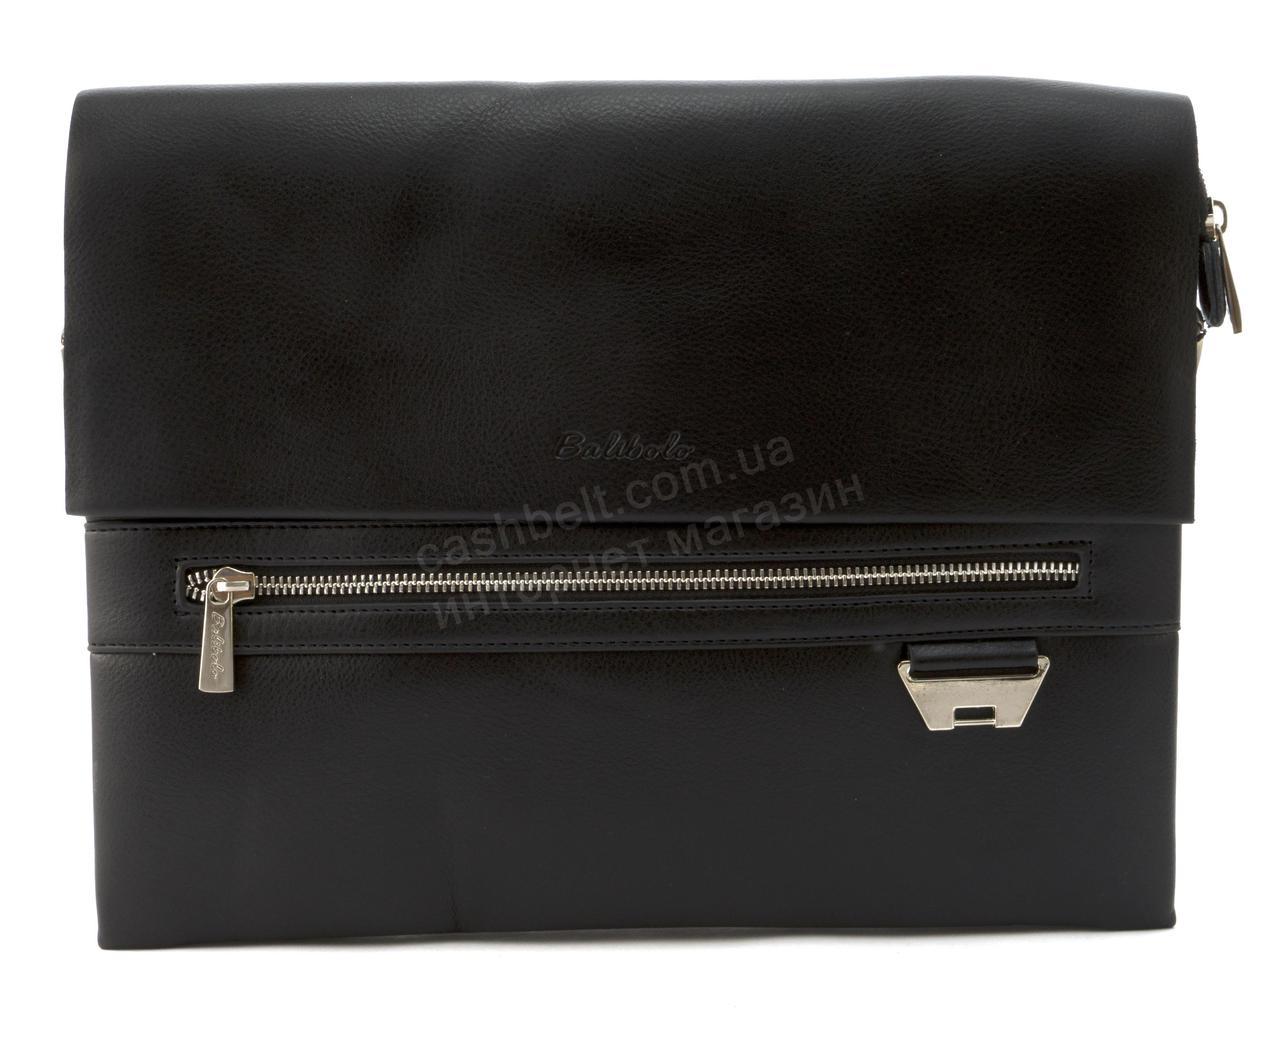 Качественная мужская сумка под формат А4 с прочной PU кожи BALIBOLO art. 3688-6 черная